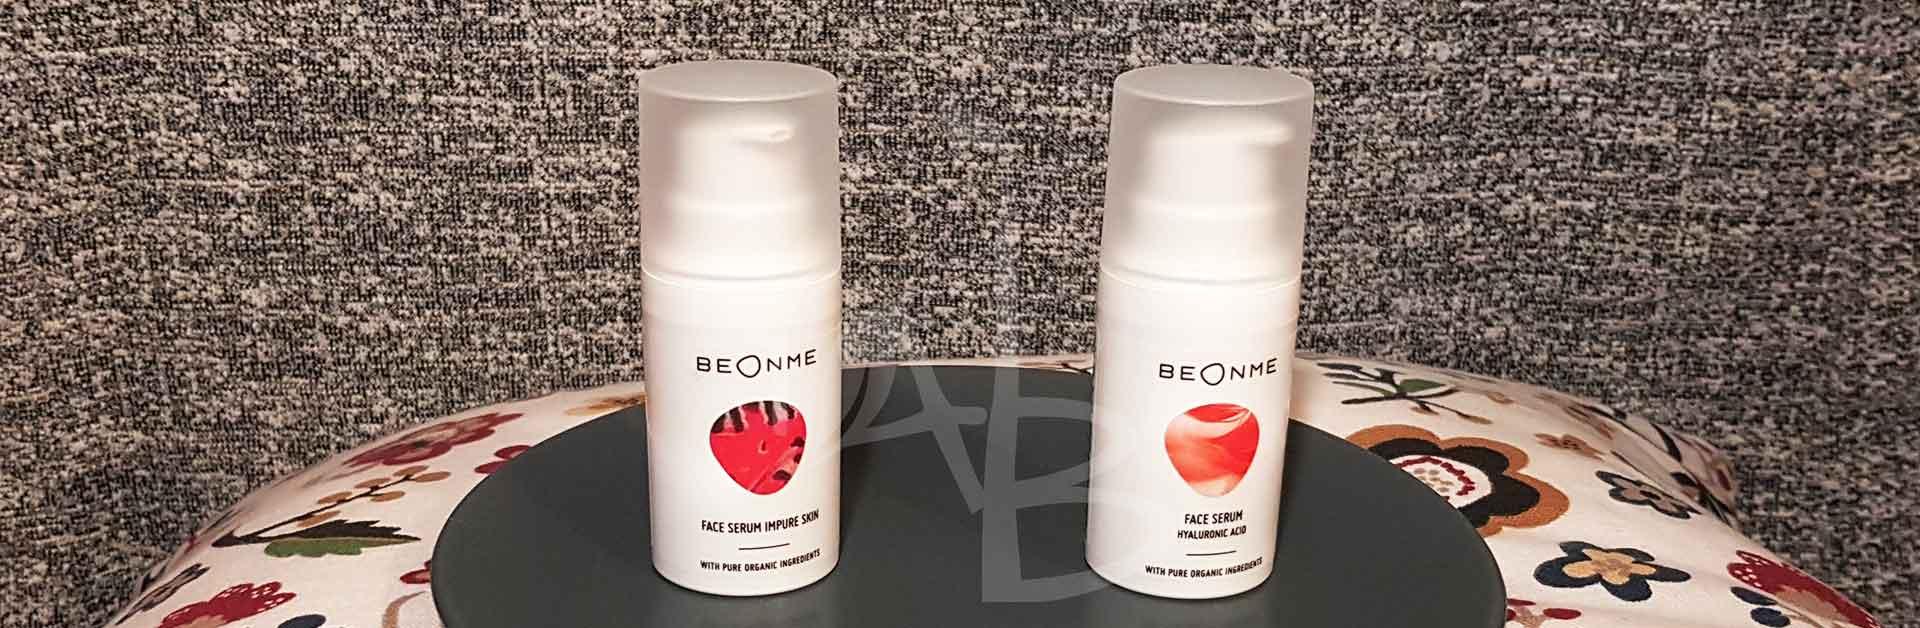 Siero viso purificante e con acido ialuronico di BeOnMe